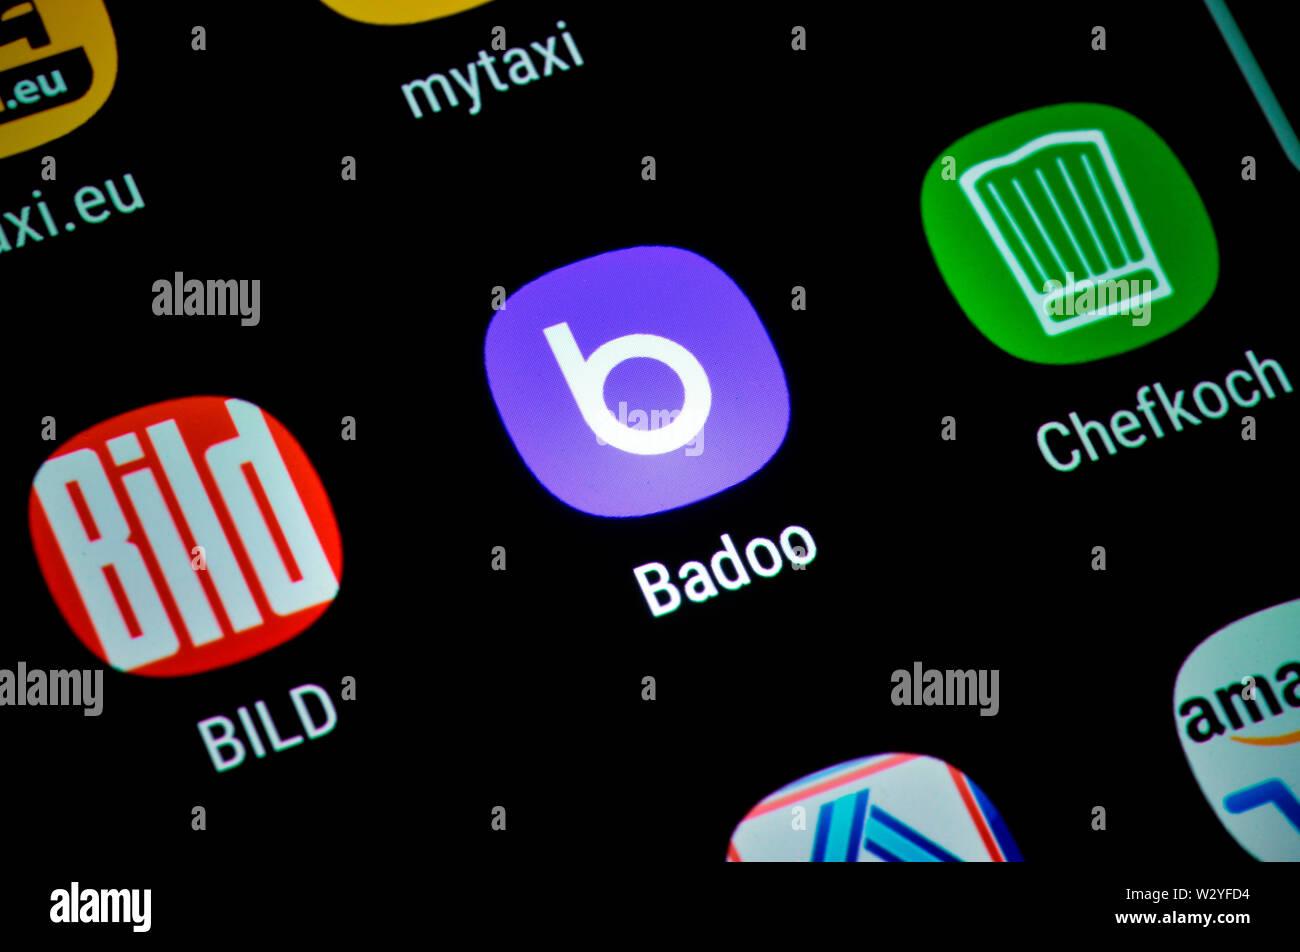 Badoo Stock Photos & Badoo Stock Images - Alamy